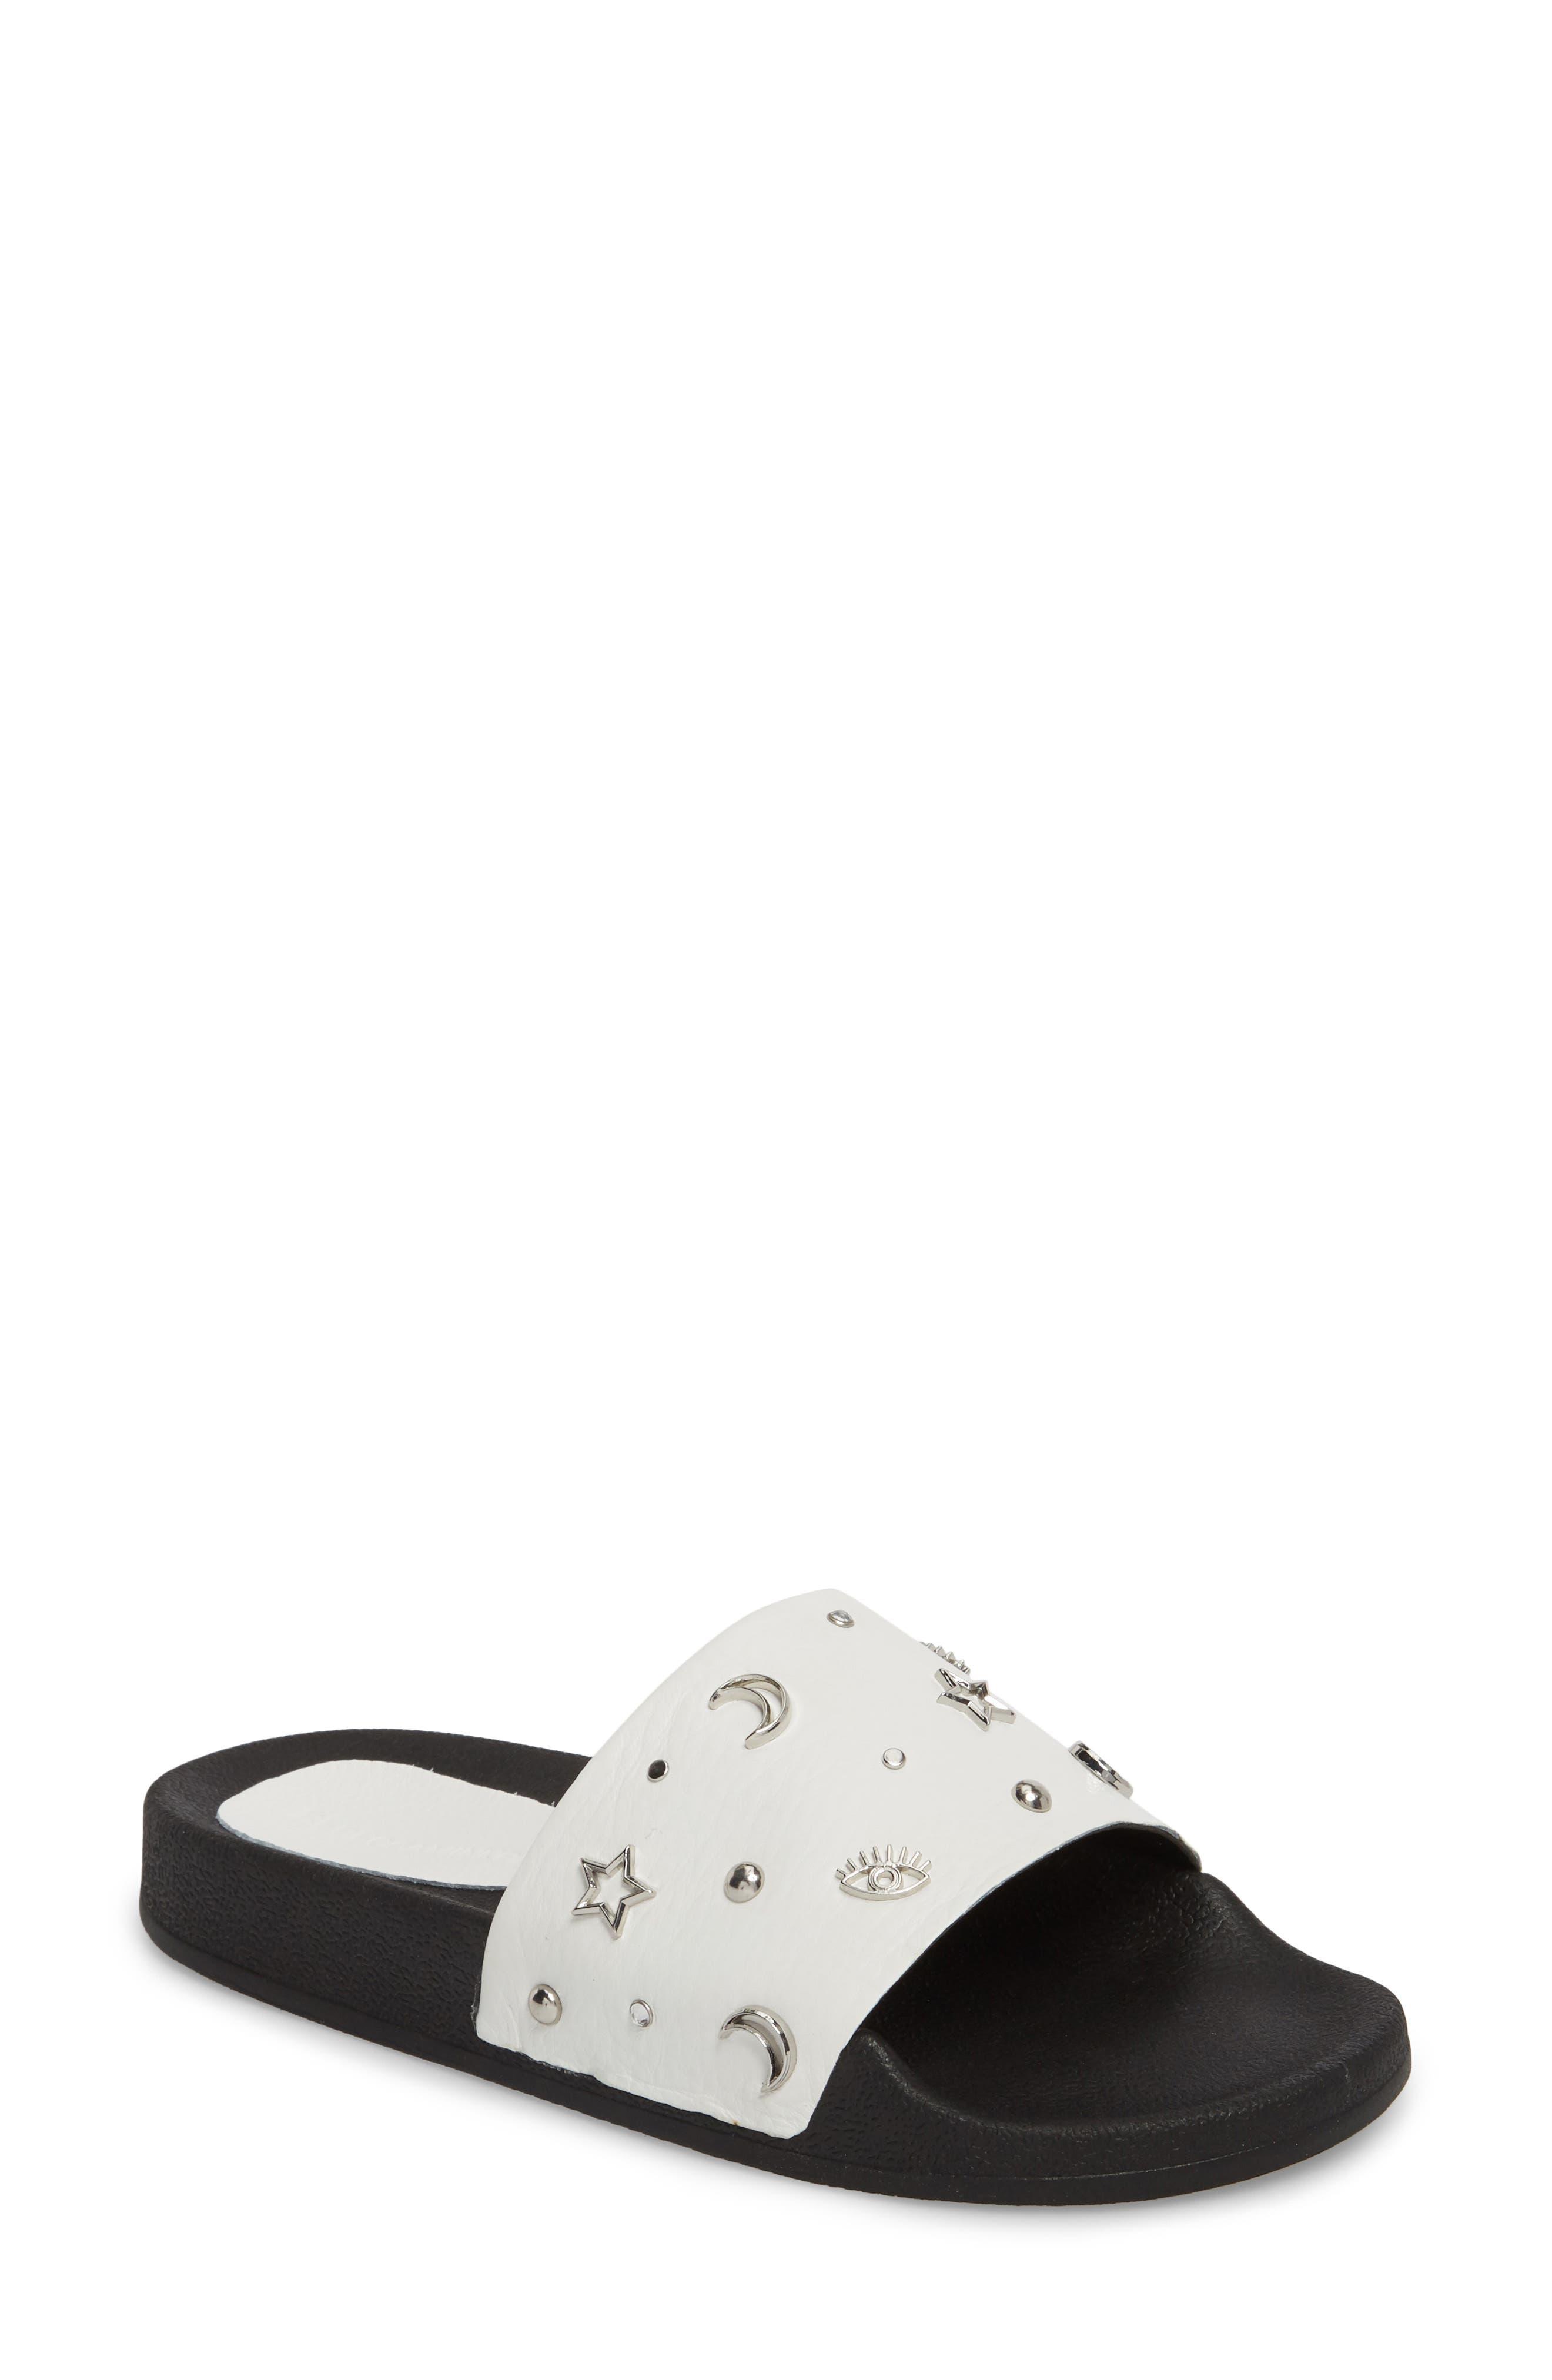 Thunder Slide Sandal,                         Main,                         color, White Leather